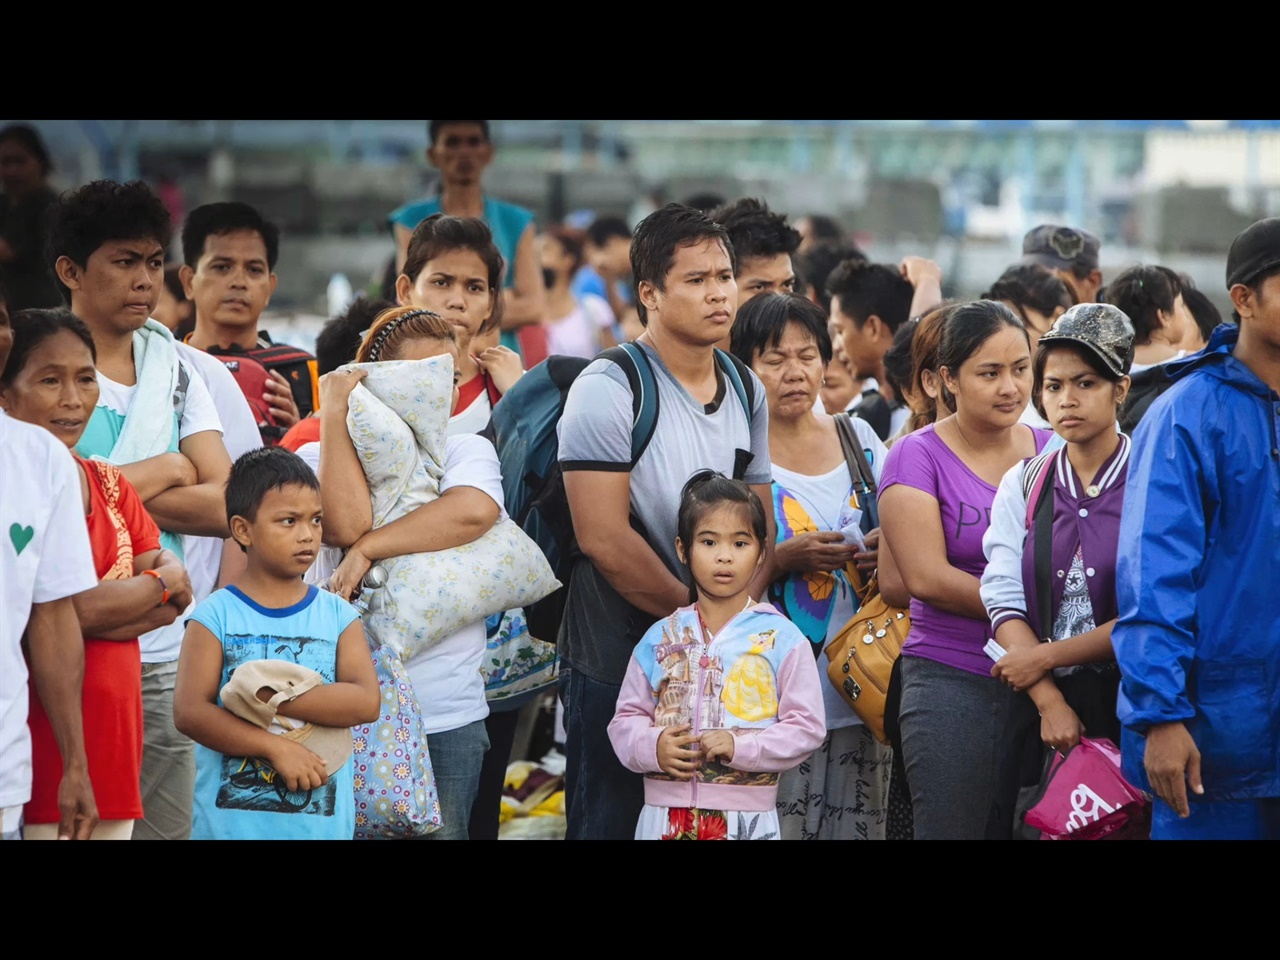 필리핀 타클로반을 강타했던 슈퍼태풍 하이얀의 생존자들의 모습 다큐멘터리 <소녀와 태풍>의 한 장면으로, 2013년 필리핀을 강타했던 슈퍼태풍 하이얀의 생존자들의 모습. 이들의 절박한 심정이 사진에서도 잘 묻어난다.